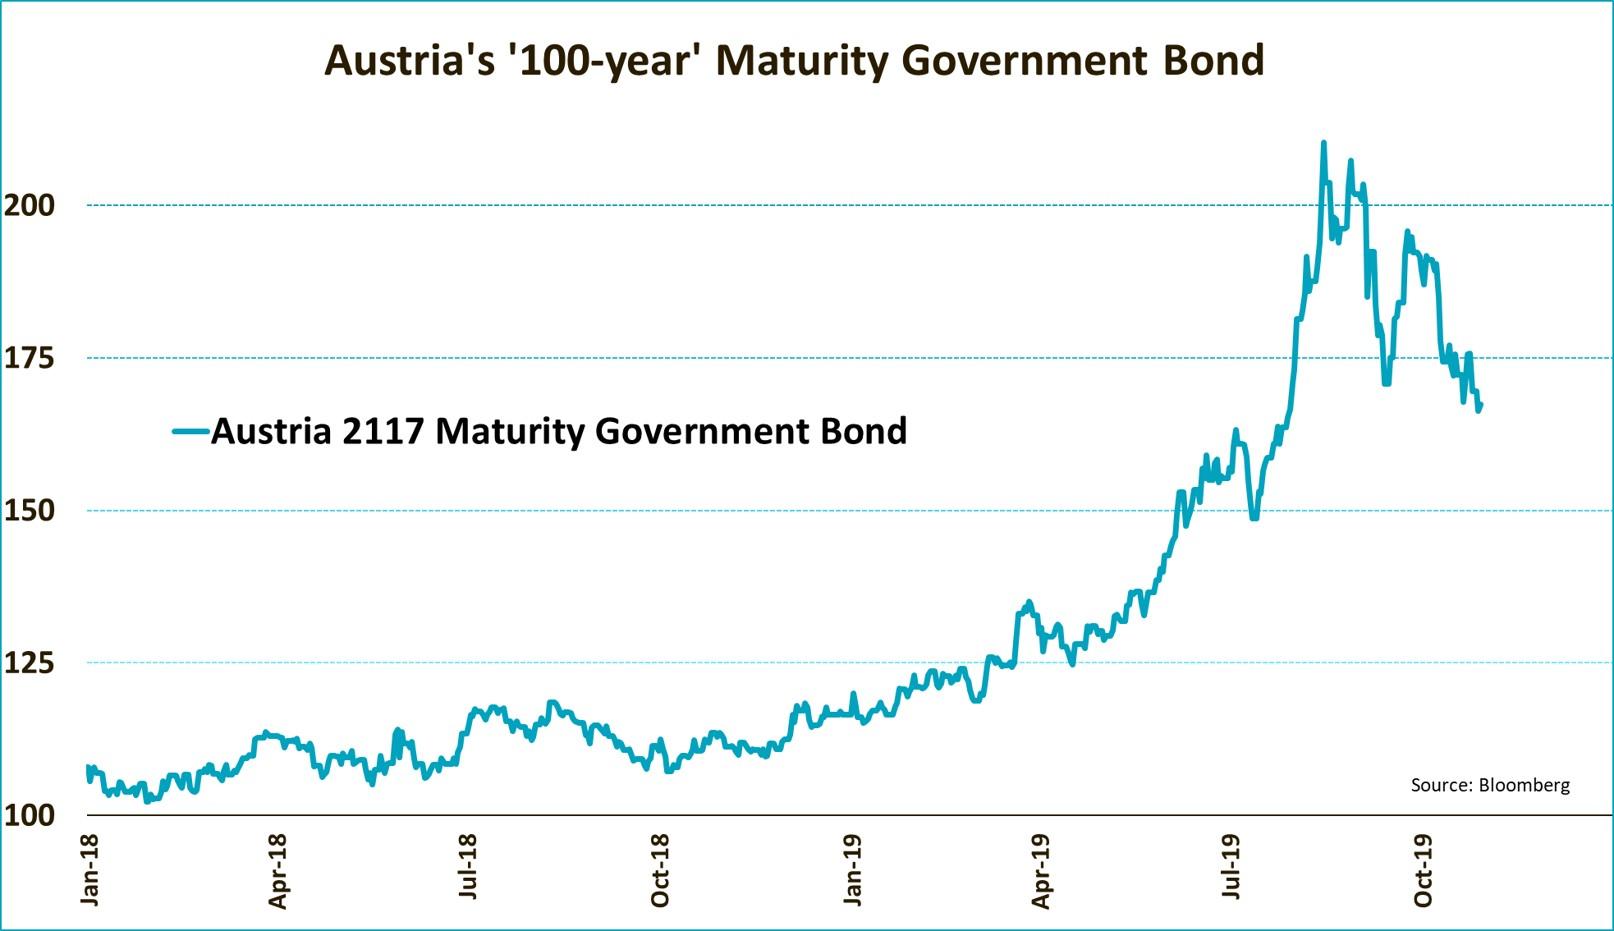 Austria's 100 Yr Maturity Govt Bond